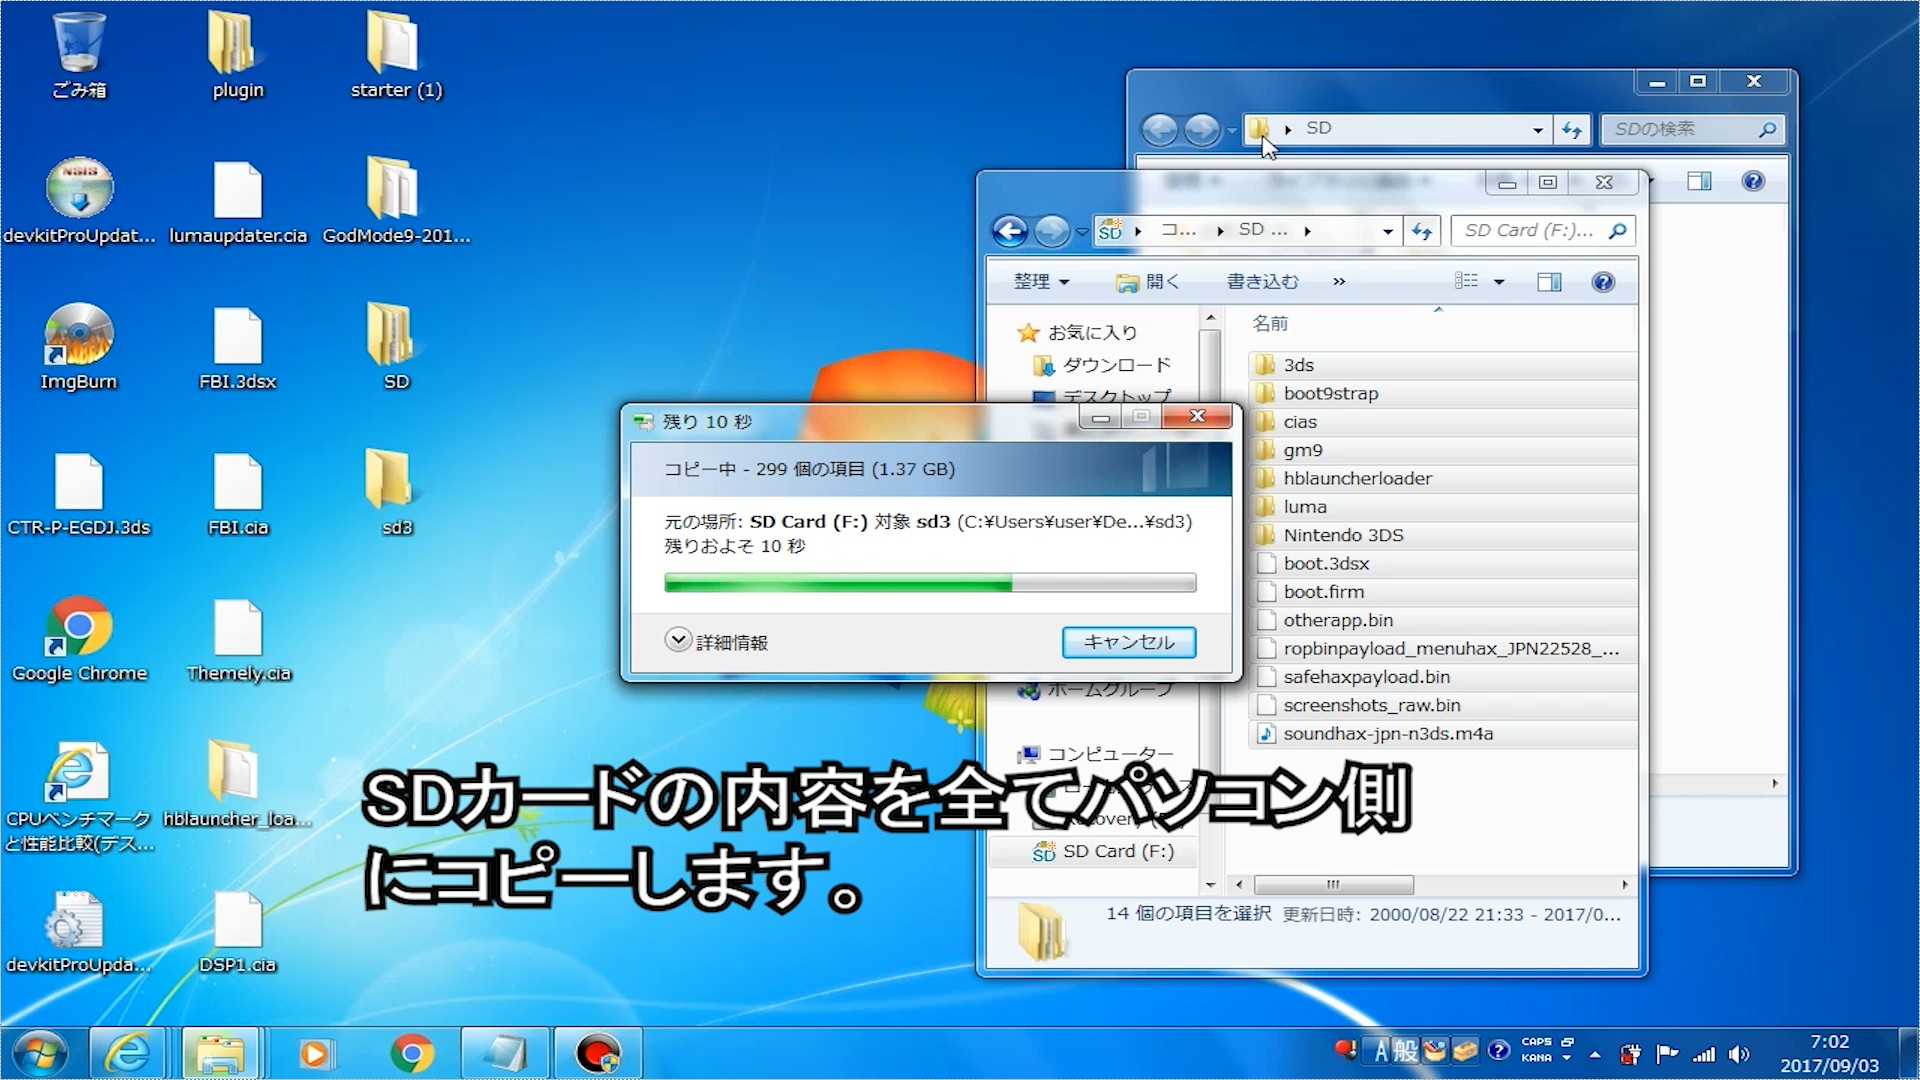 f:id:icn-network:20170926125539j:plain